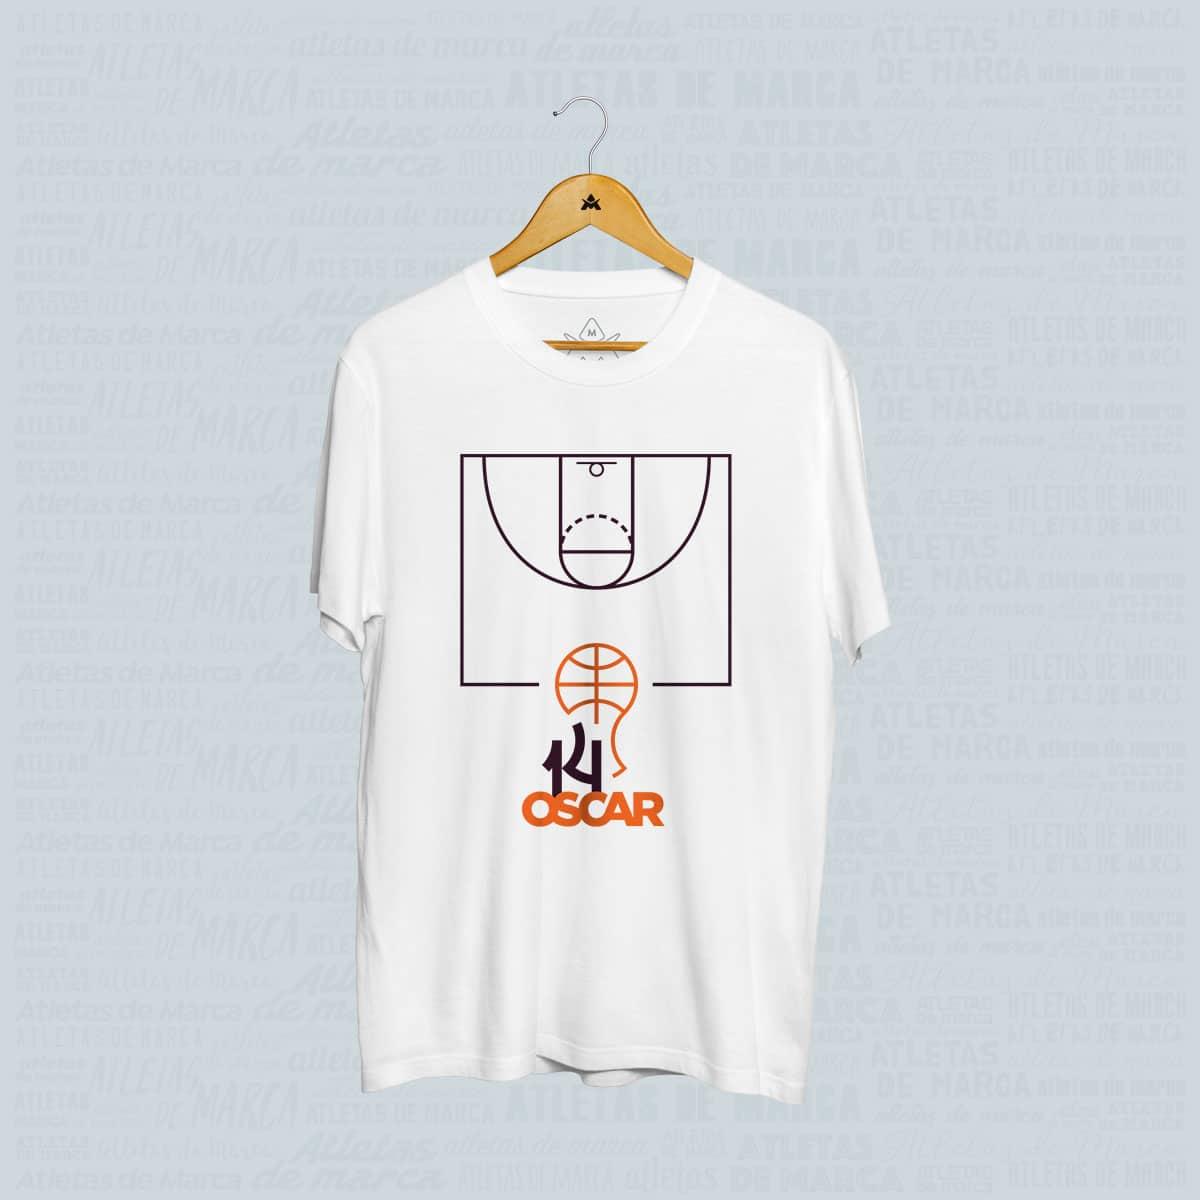 Camiseta Oscar Schmidt Quadra de Basquete